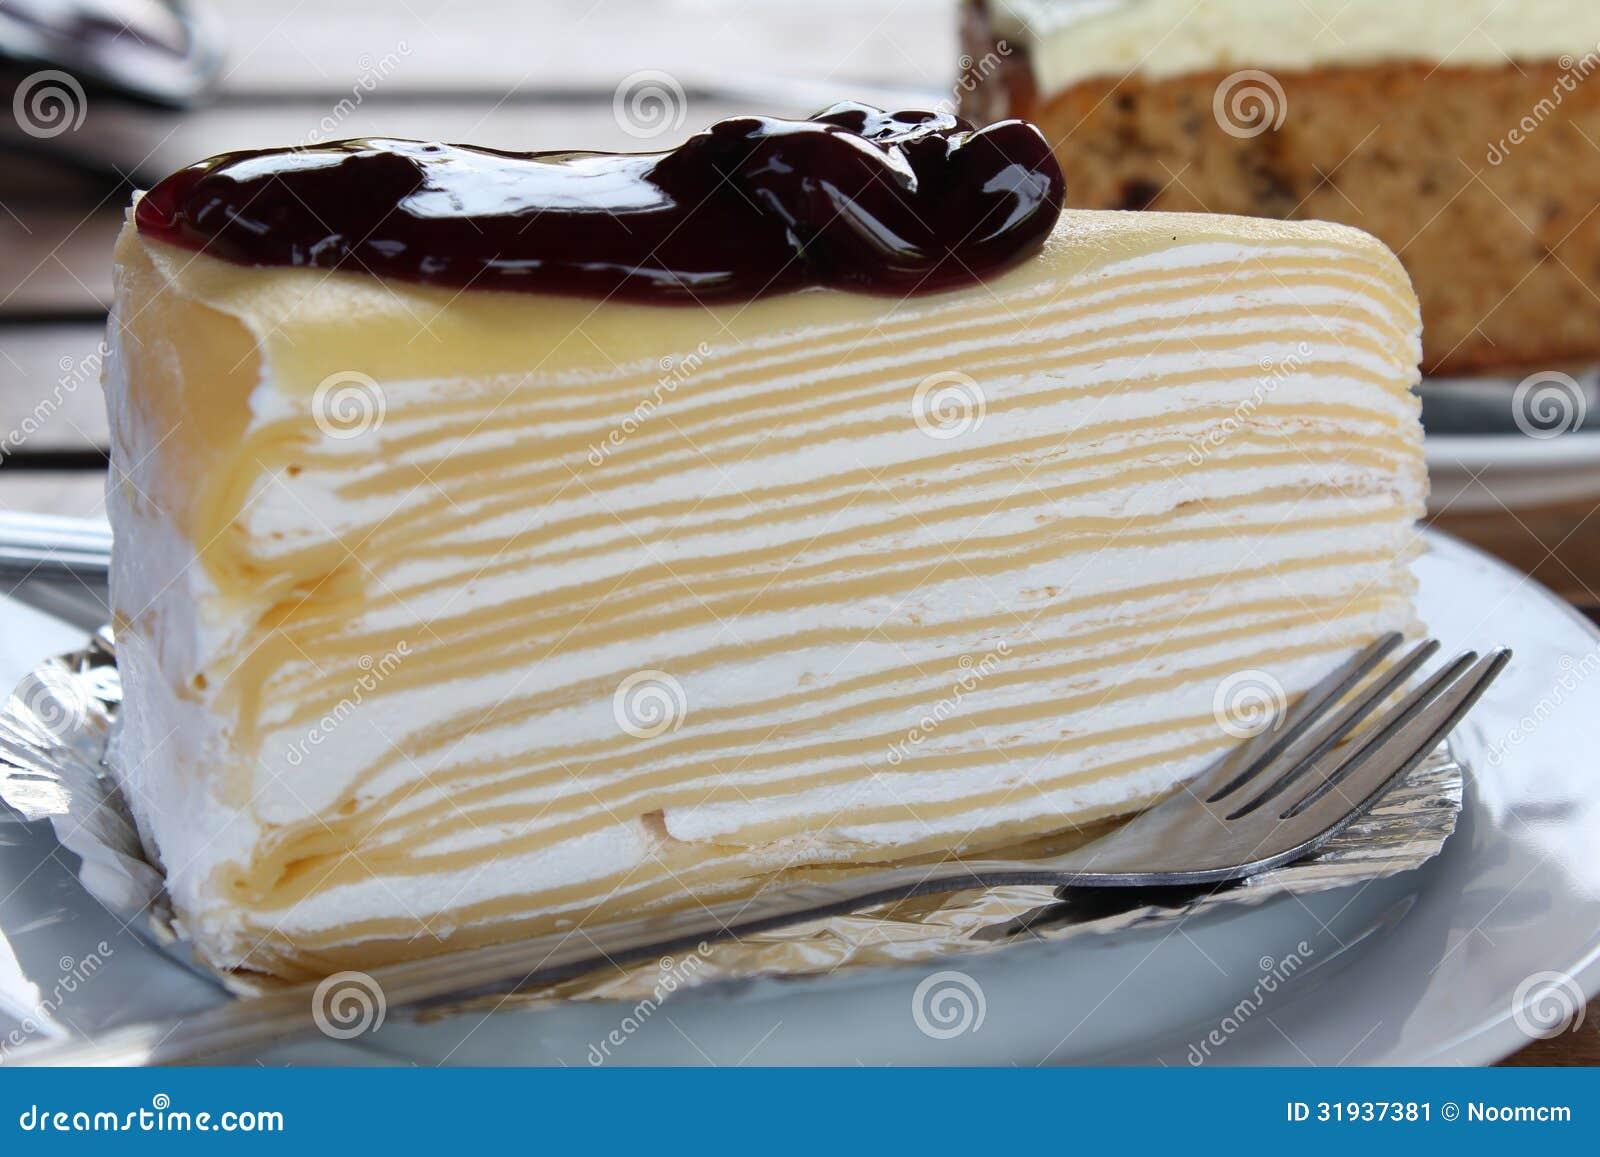 Plus d`images similaires à ` Gâteau de crêpe de myrtille `